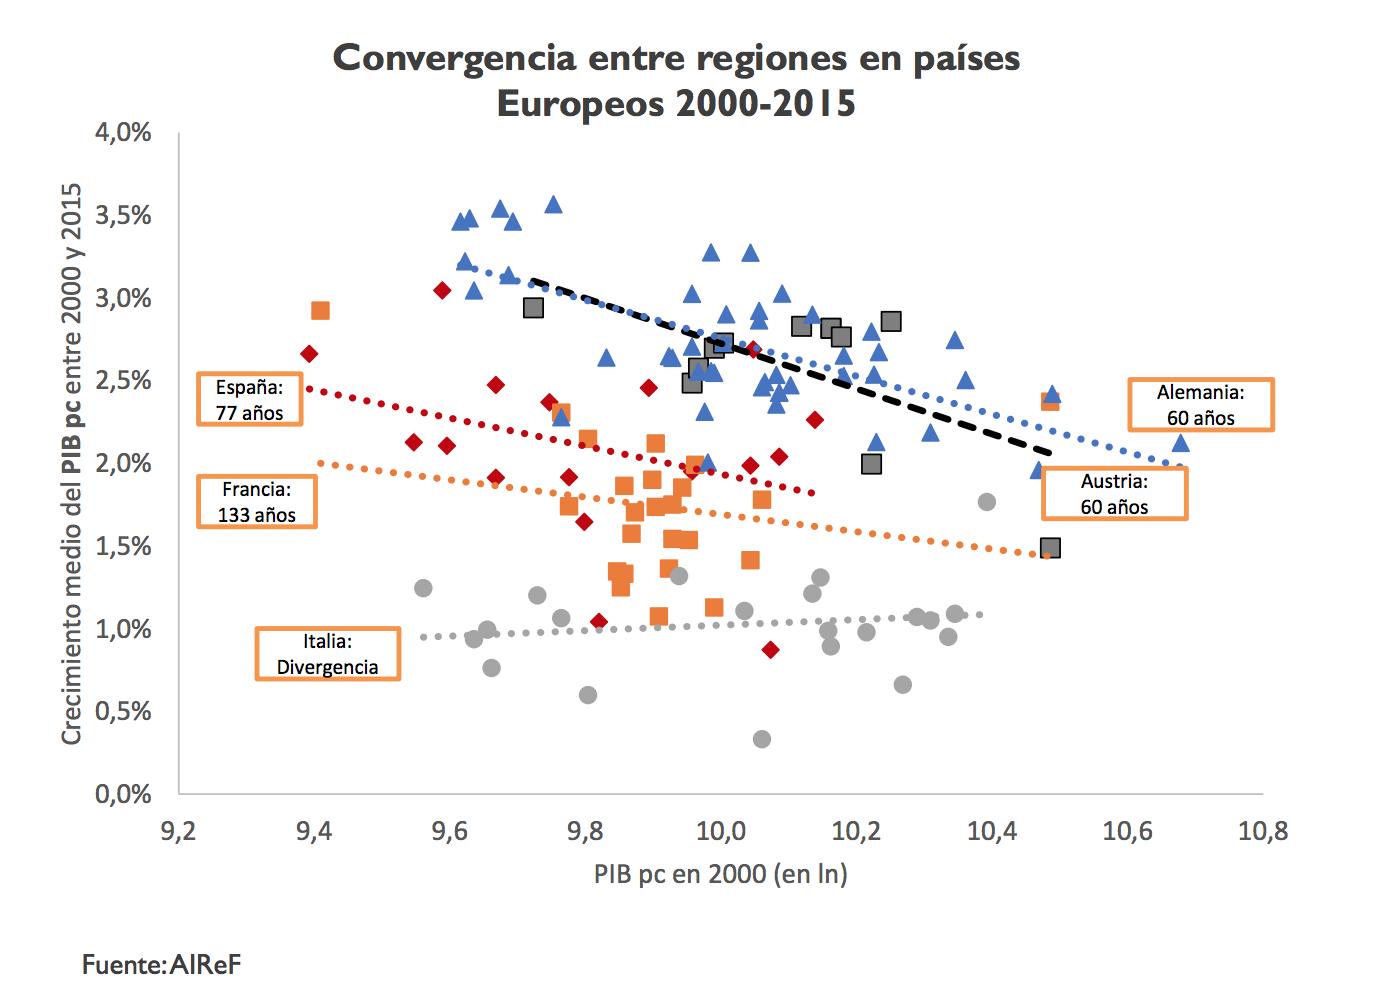 3-convergencia-renta-pib-per-capita-espa